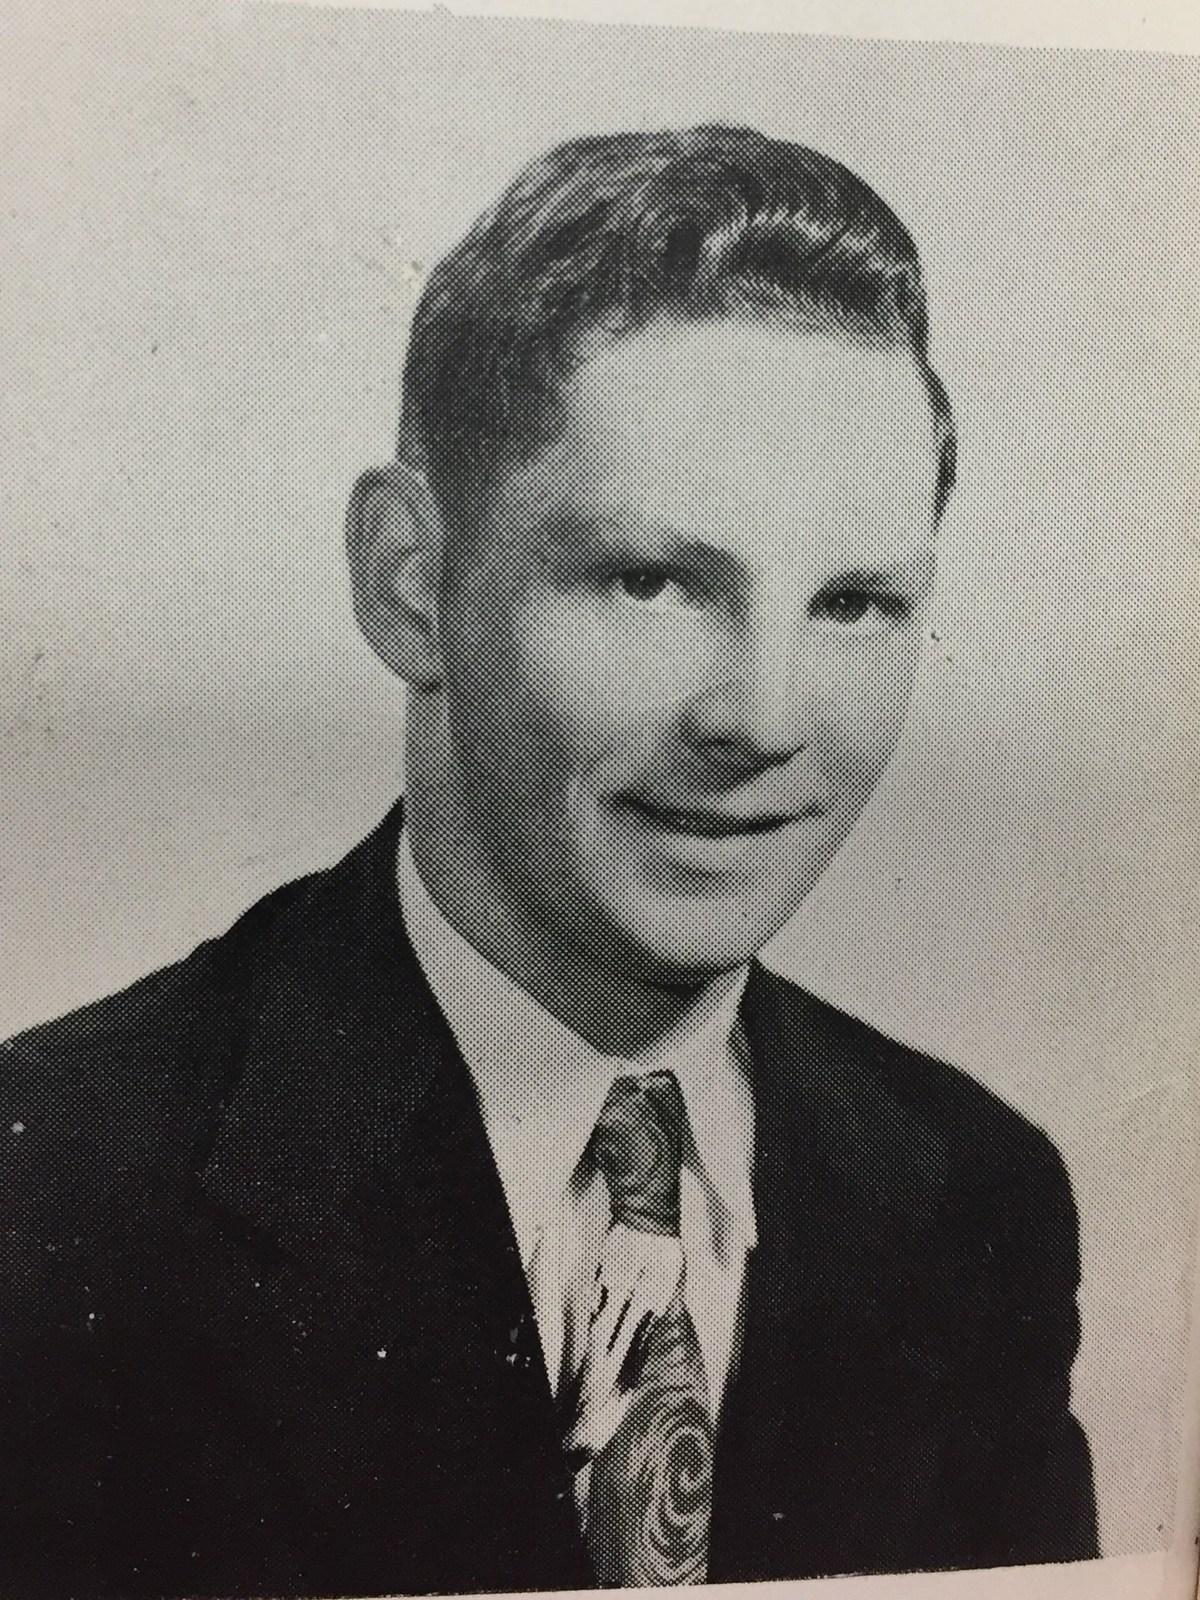 Photo of Jack Smith.